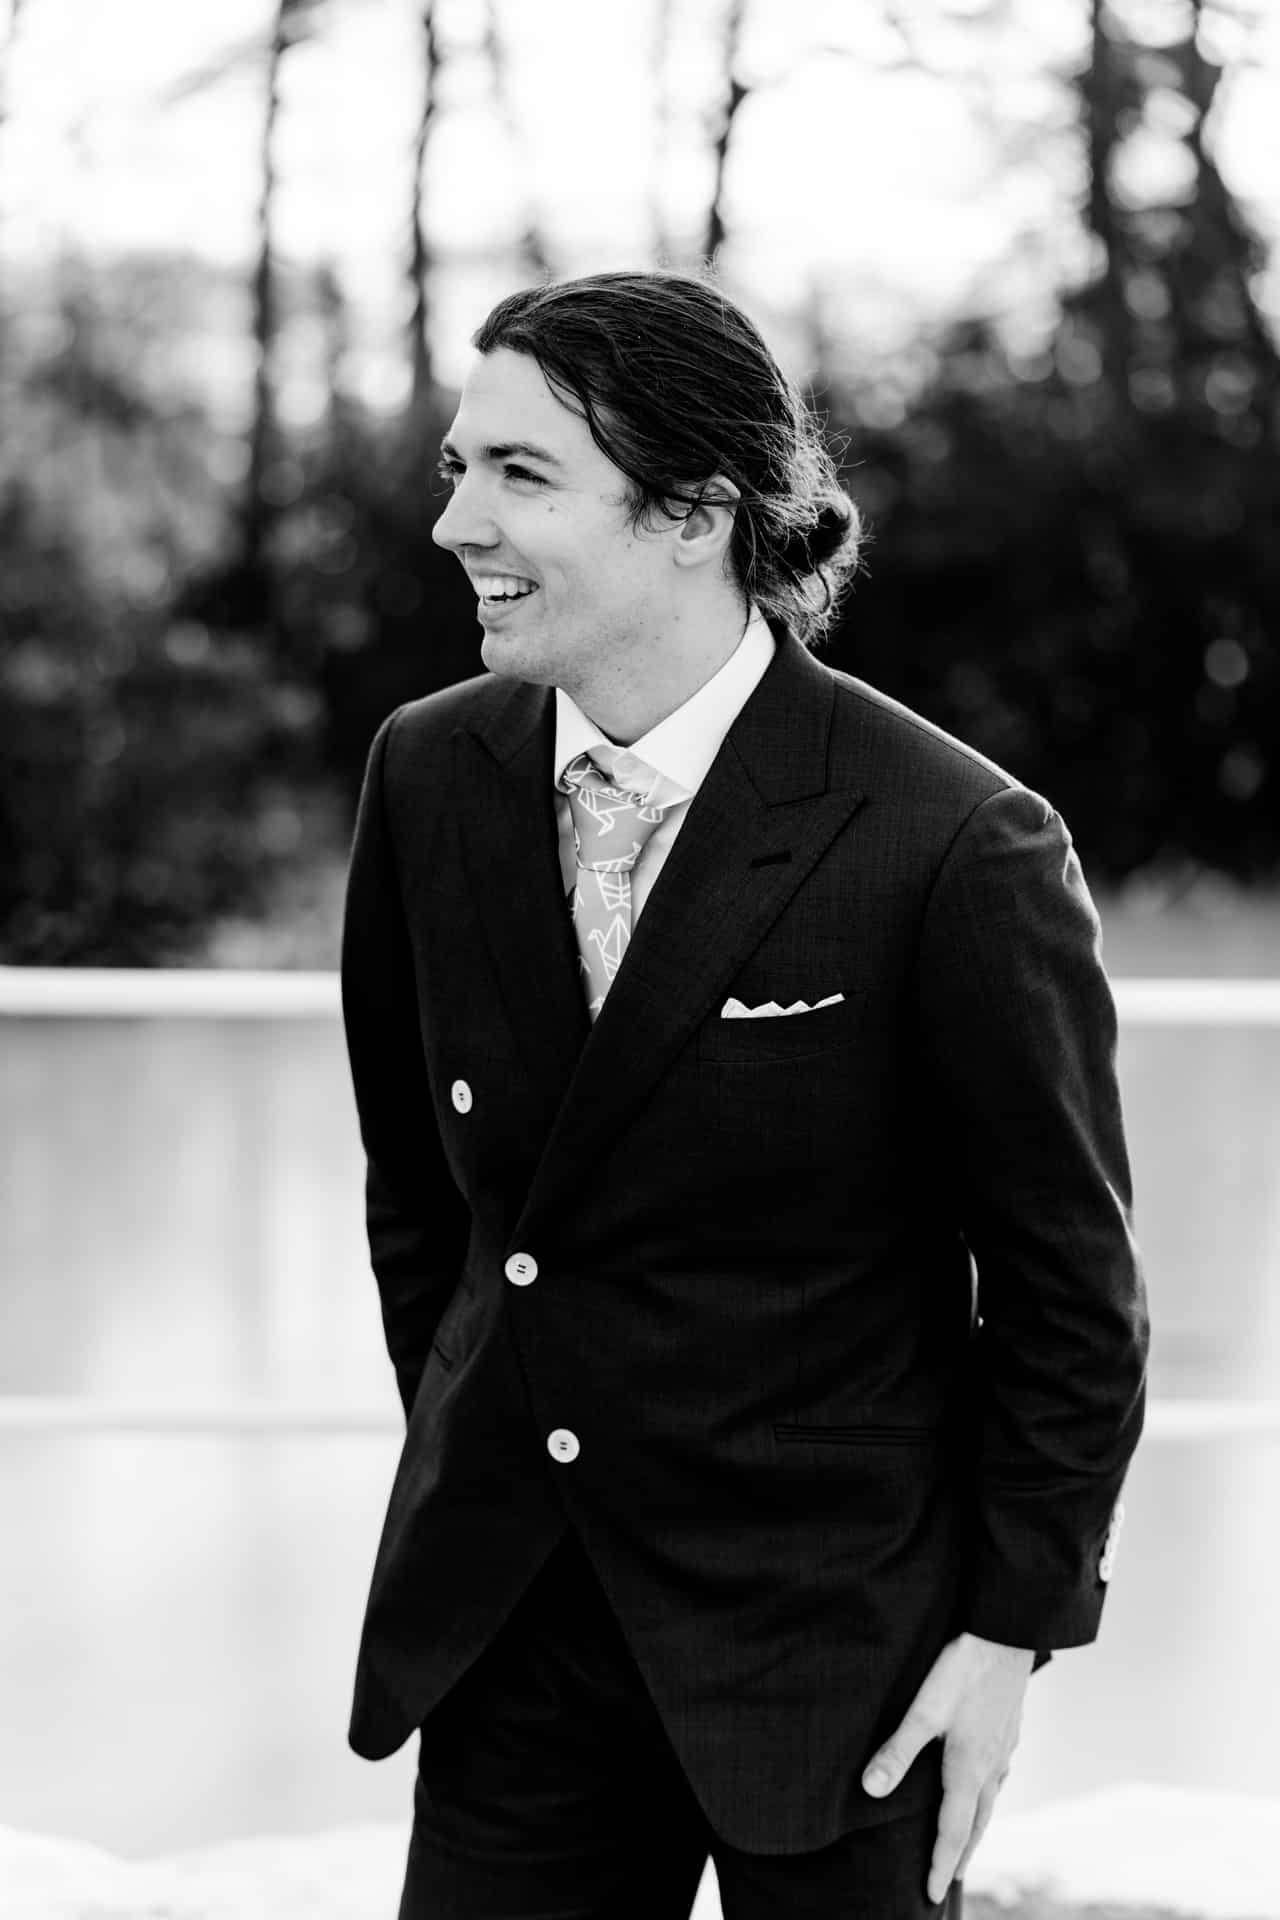 Bruidsfotografie Kasteel Ter Horst Loenen, trouwfotografie door trouwfotograaf Grietje Mesman, portret bruidegom zwart-wit